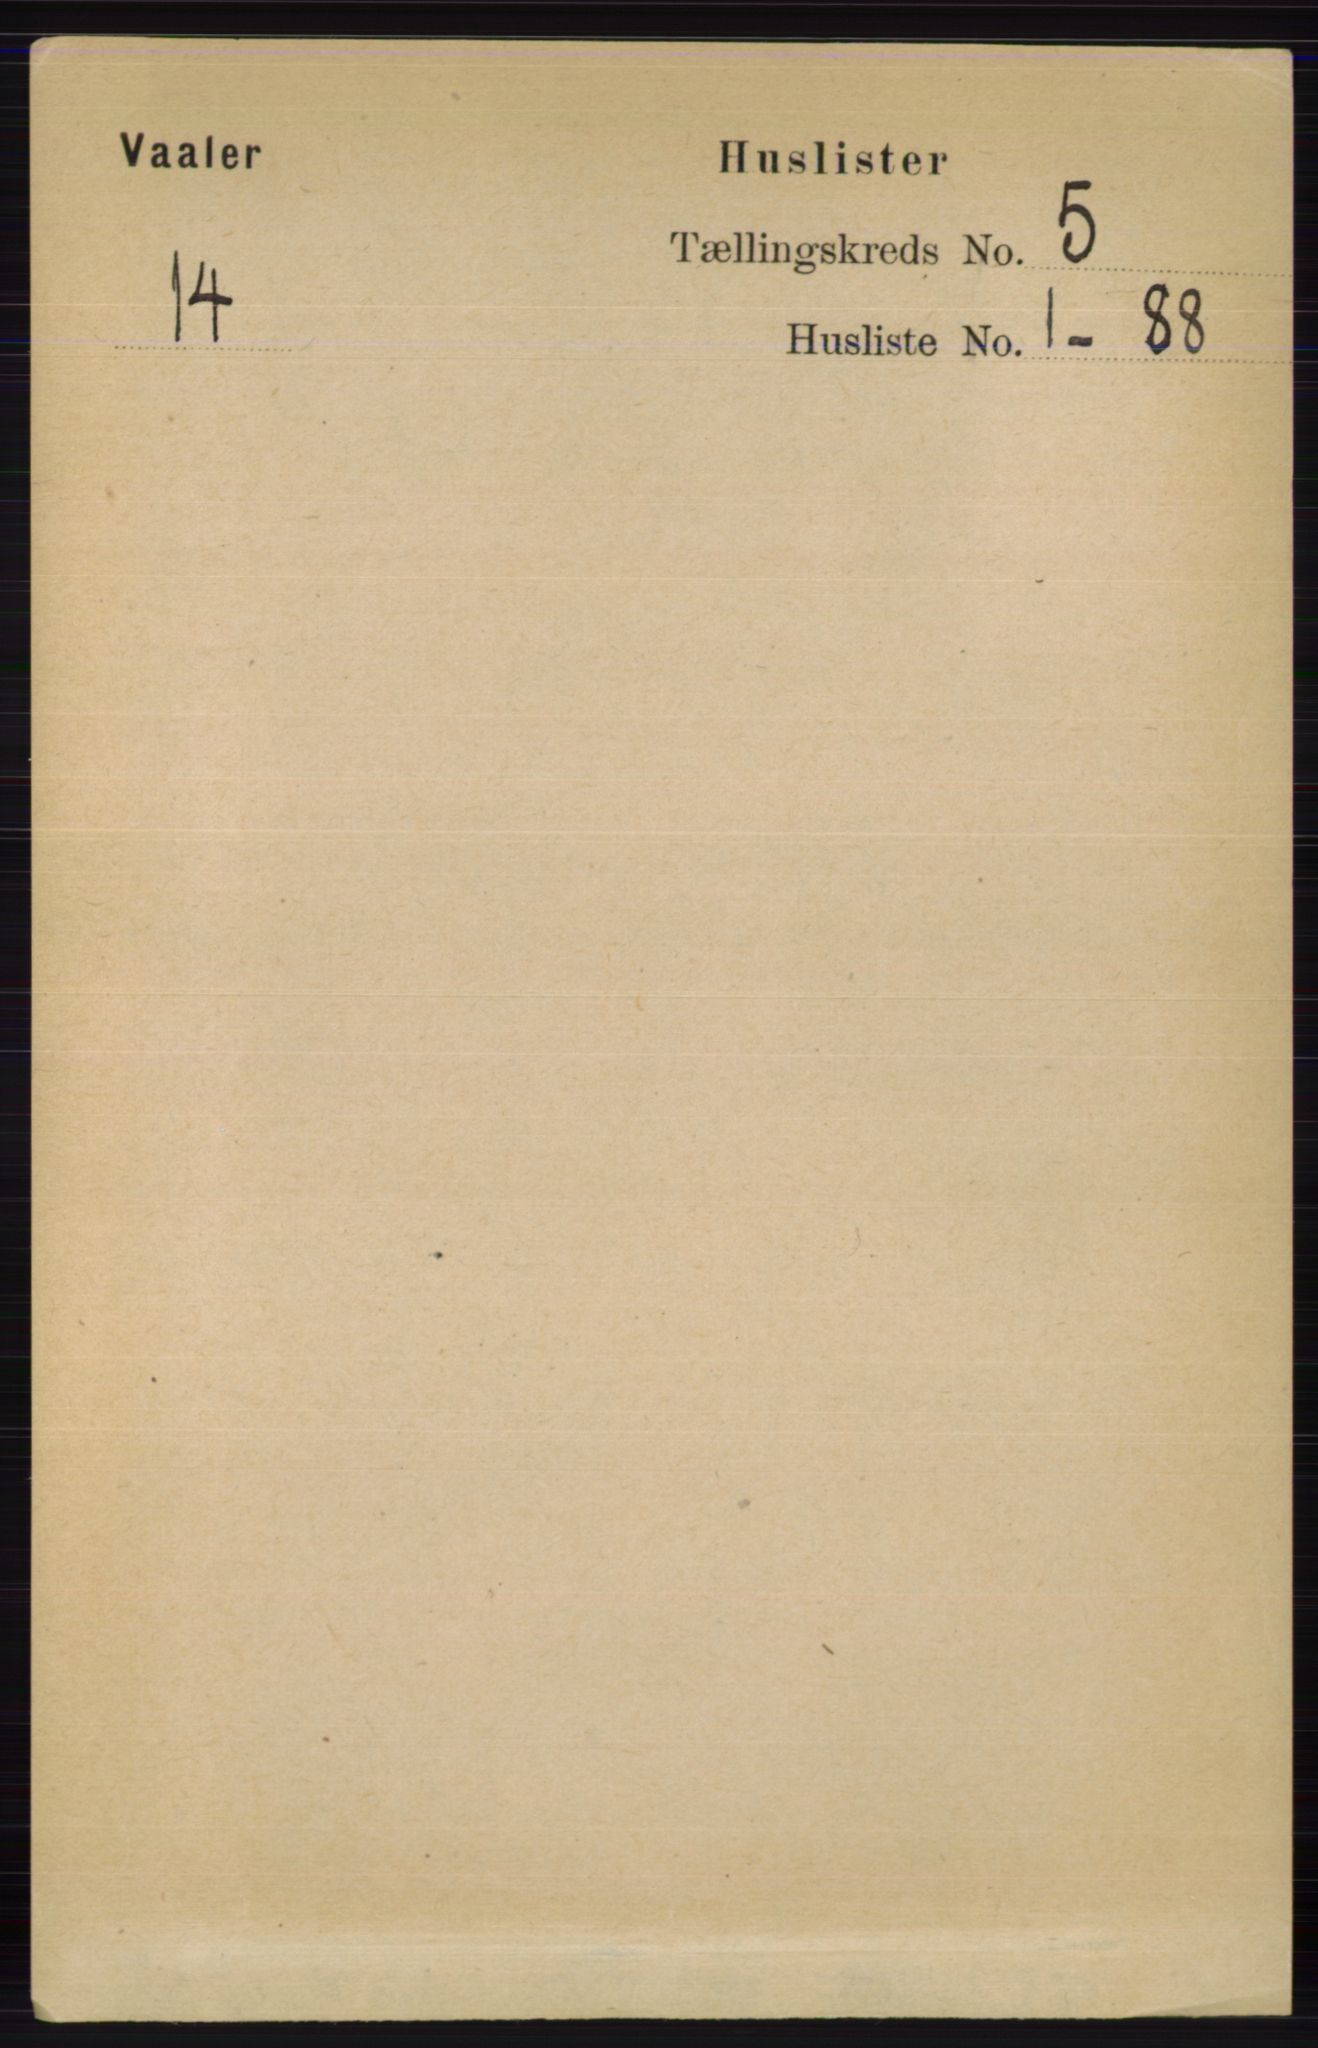 RA, Folketelling 1891 for 0426 Våler herred, 1891, s. 1805